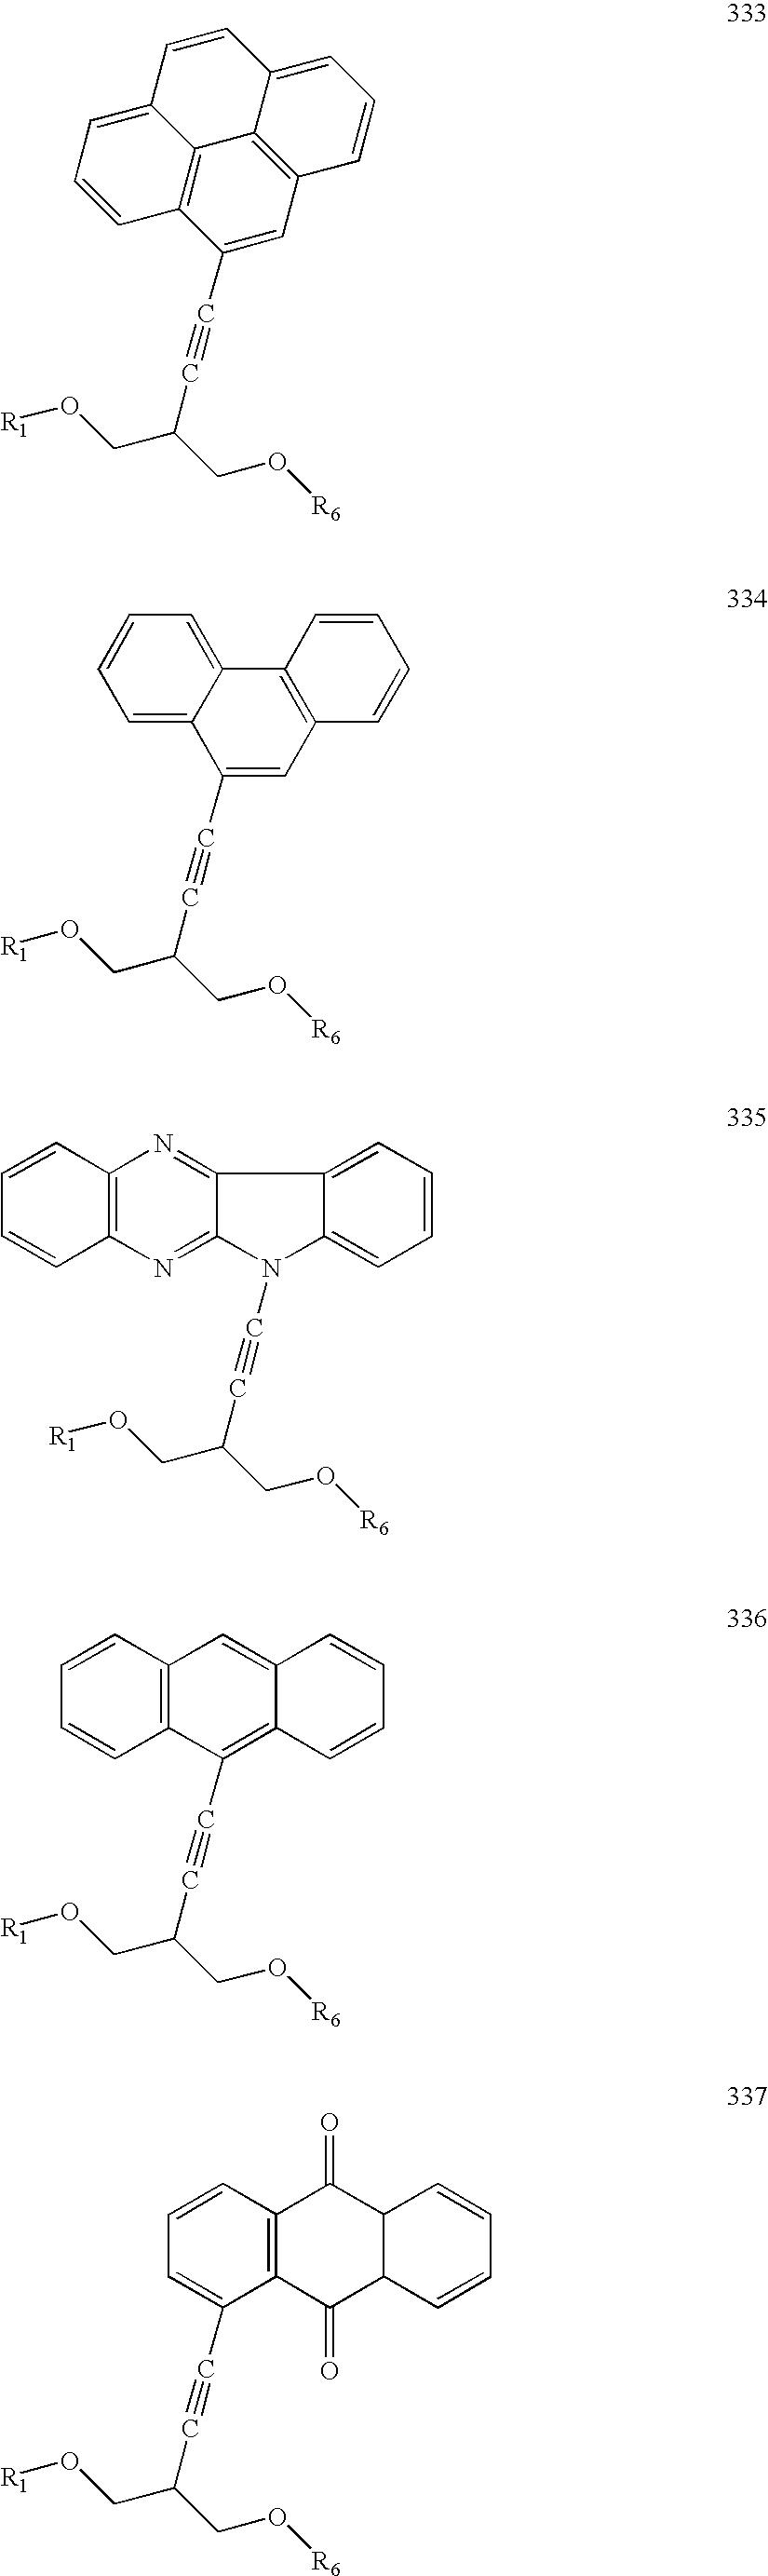 Figure US20060014144A1-20060119-C00162